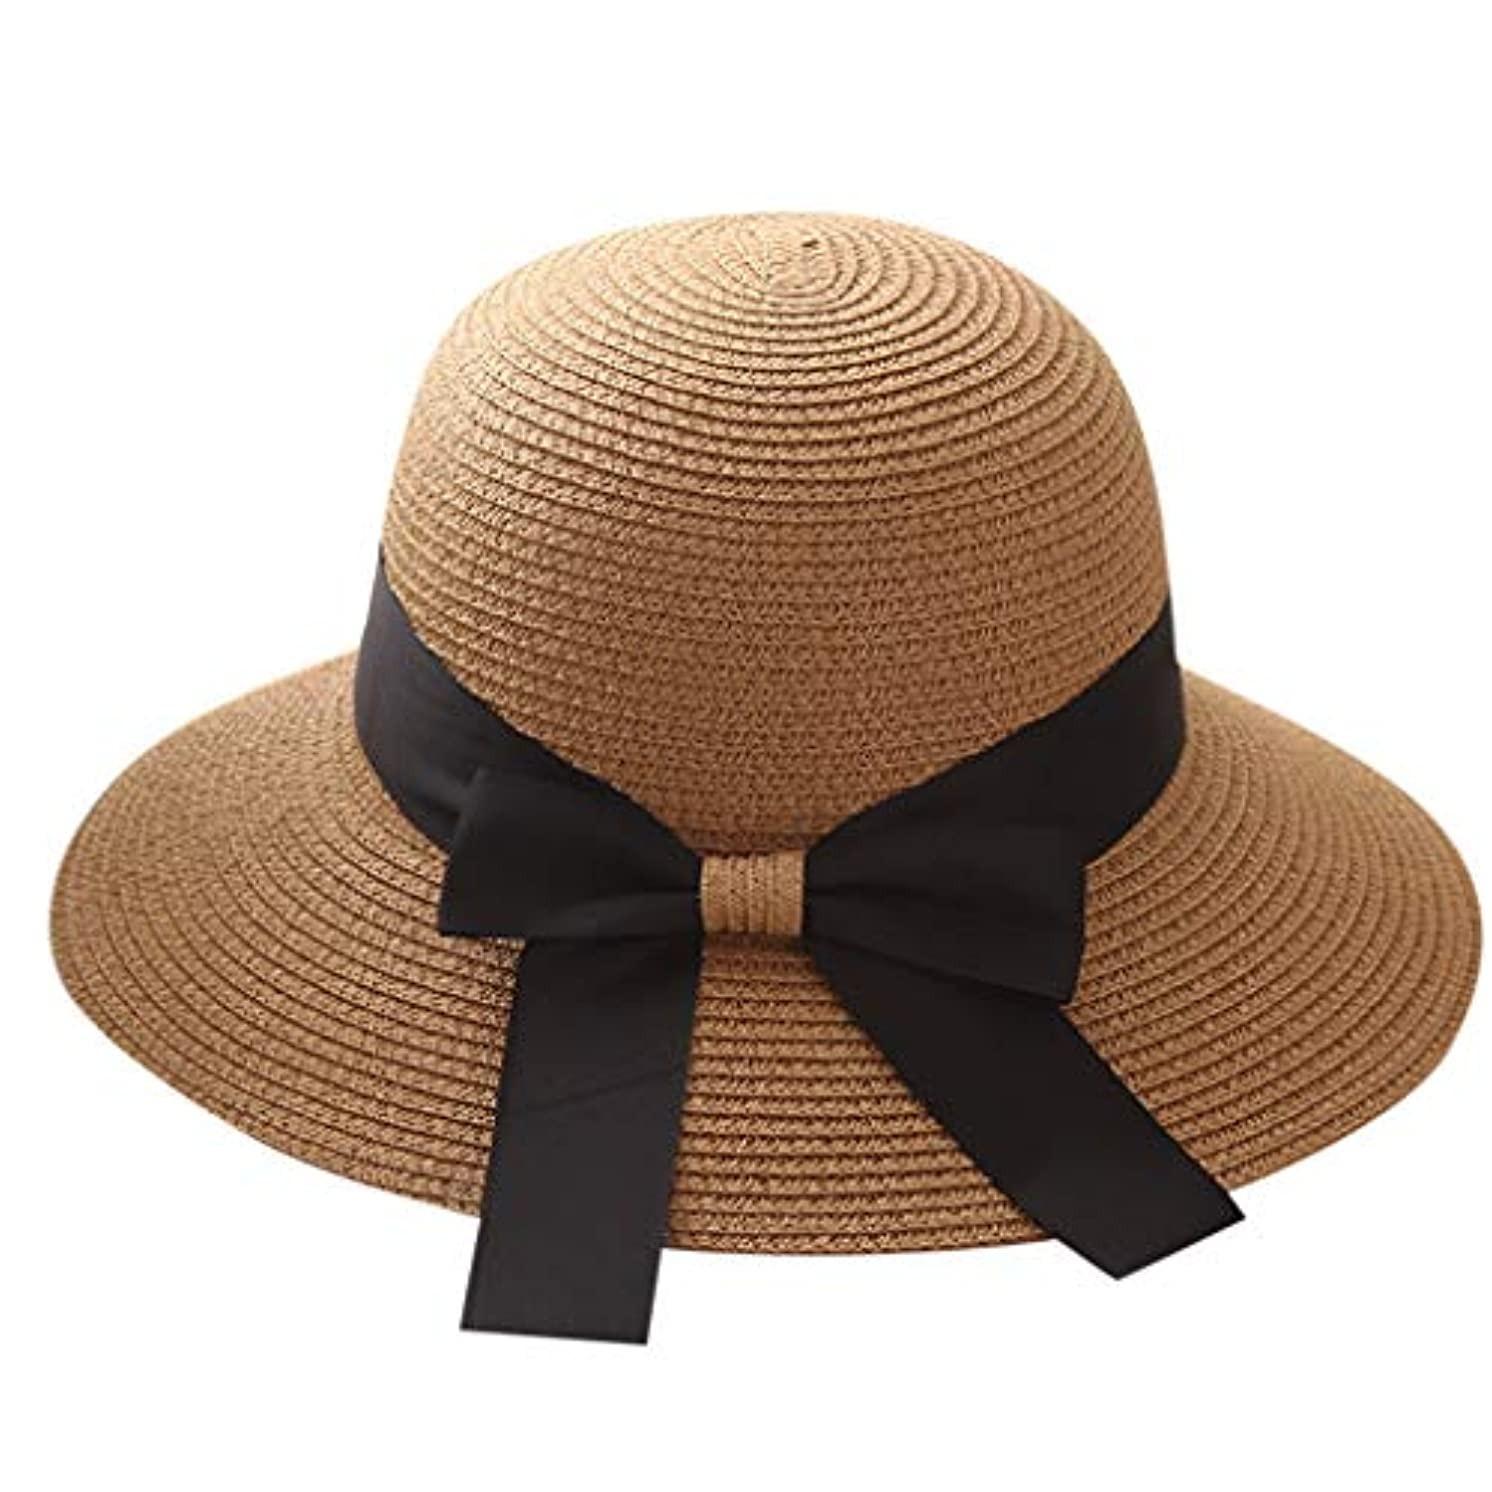 絡まるせっかち火山学者帽子 レディース UVカット 漁師帽 99%uvカット 日よけ 日焼け防止 熱中症予防 折りたたみ つば広 紫外線対策 麦わら帽子 uv帽 小顔効果 おしゃれ 可愛い 女優帽 高級感 軽量 通気 旅行用 大きいサイズ ROSE...